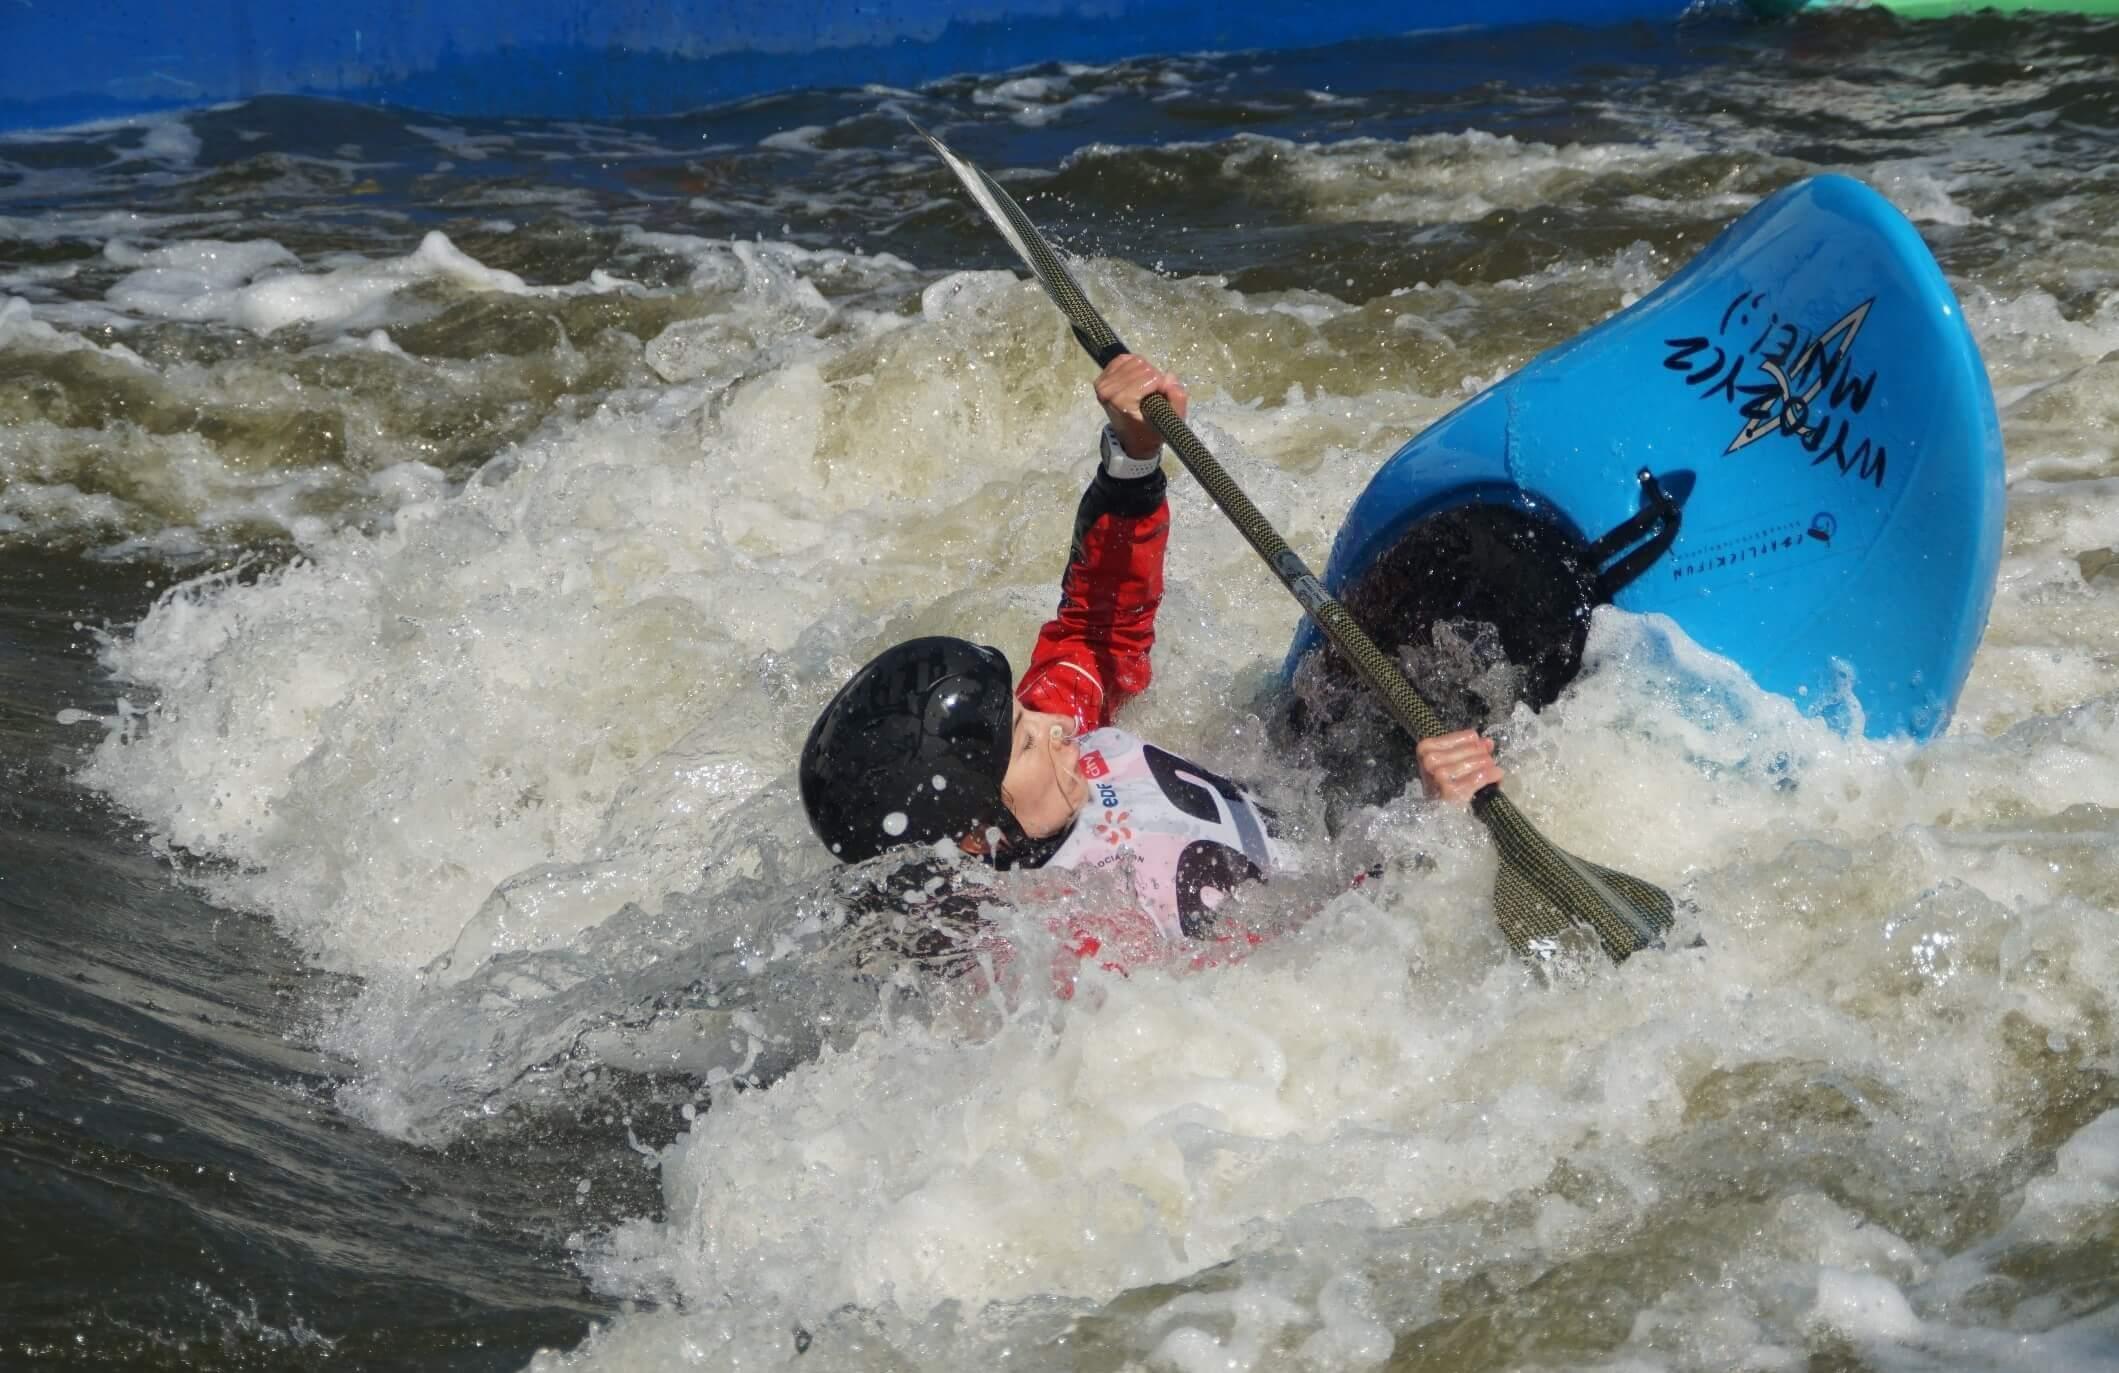 Anna beim Kajakfahren im Wildwasser